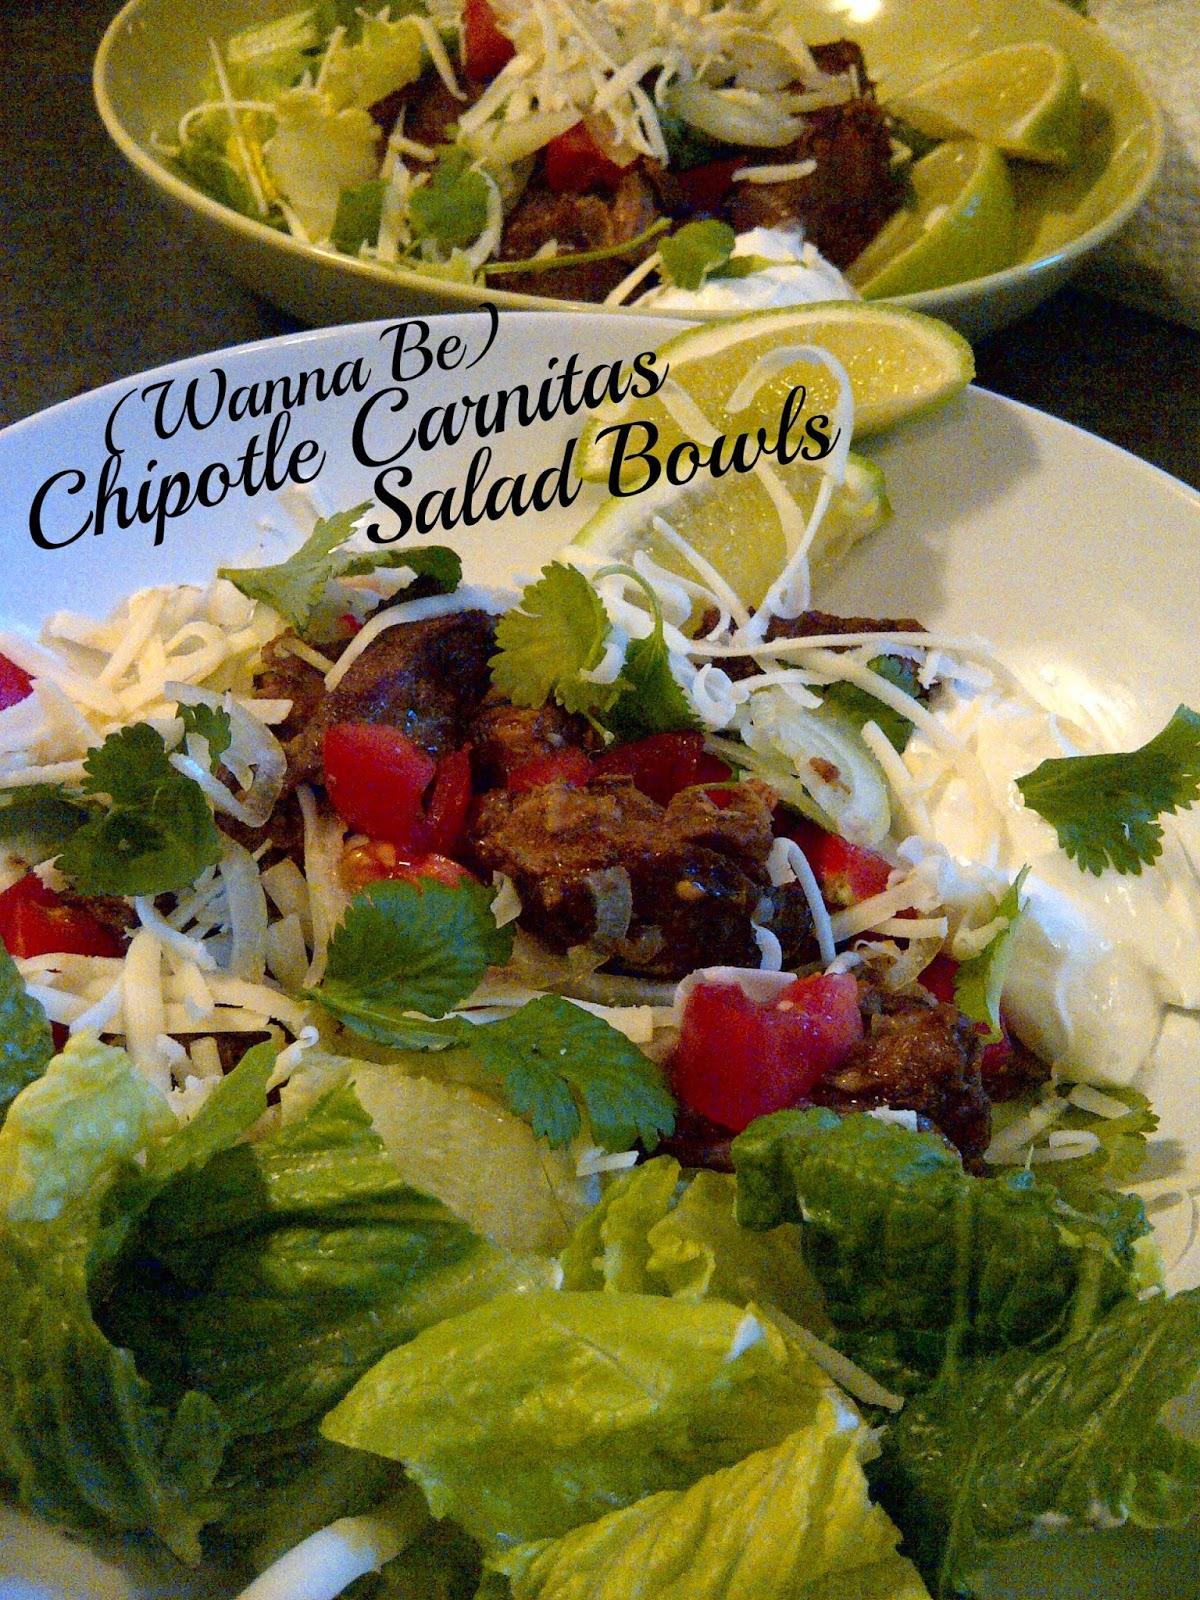 (Wannabe Chipotle) Carnitas Salad Bowls